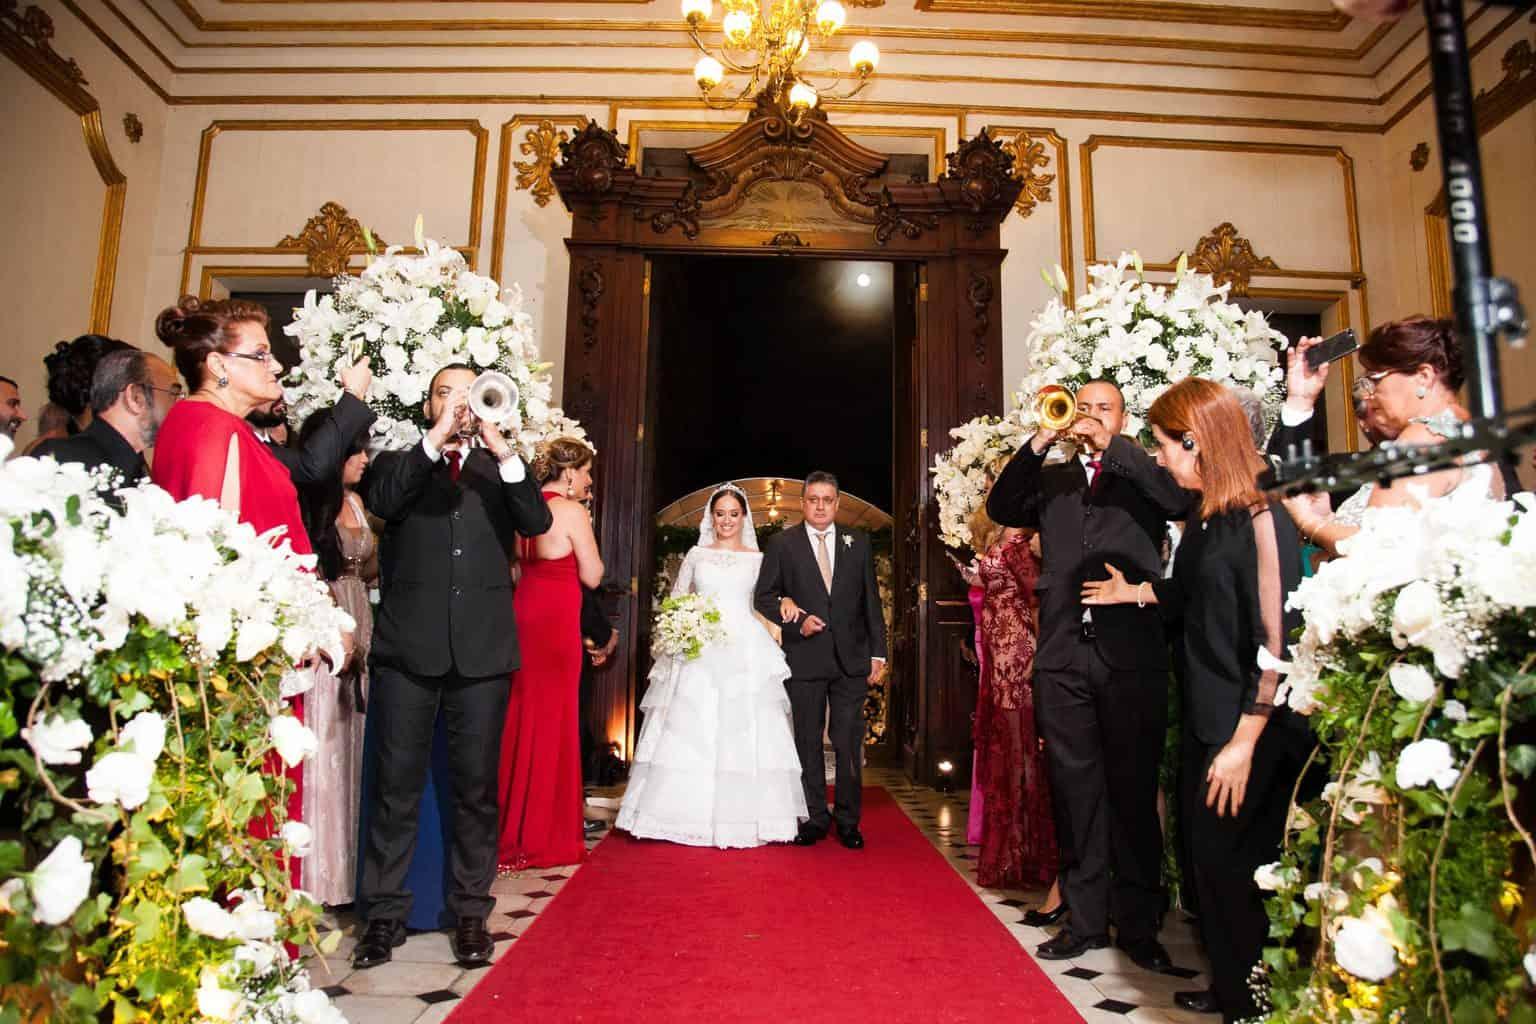 Casamento-Clássico-Casamento-tradicional-Cerimônia-Copacabana-Palace-Monica-Roias-Ribas-Foto-e-Vídeo-Tuanny-e-Bernardo-CaseMe-4